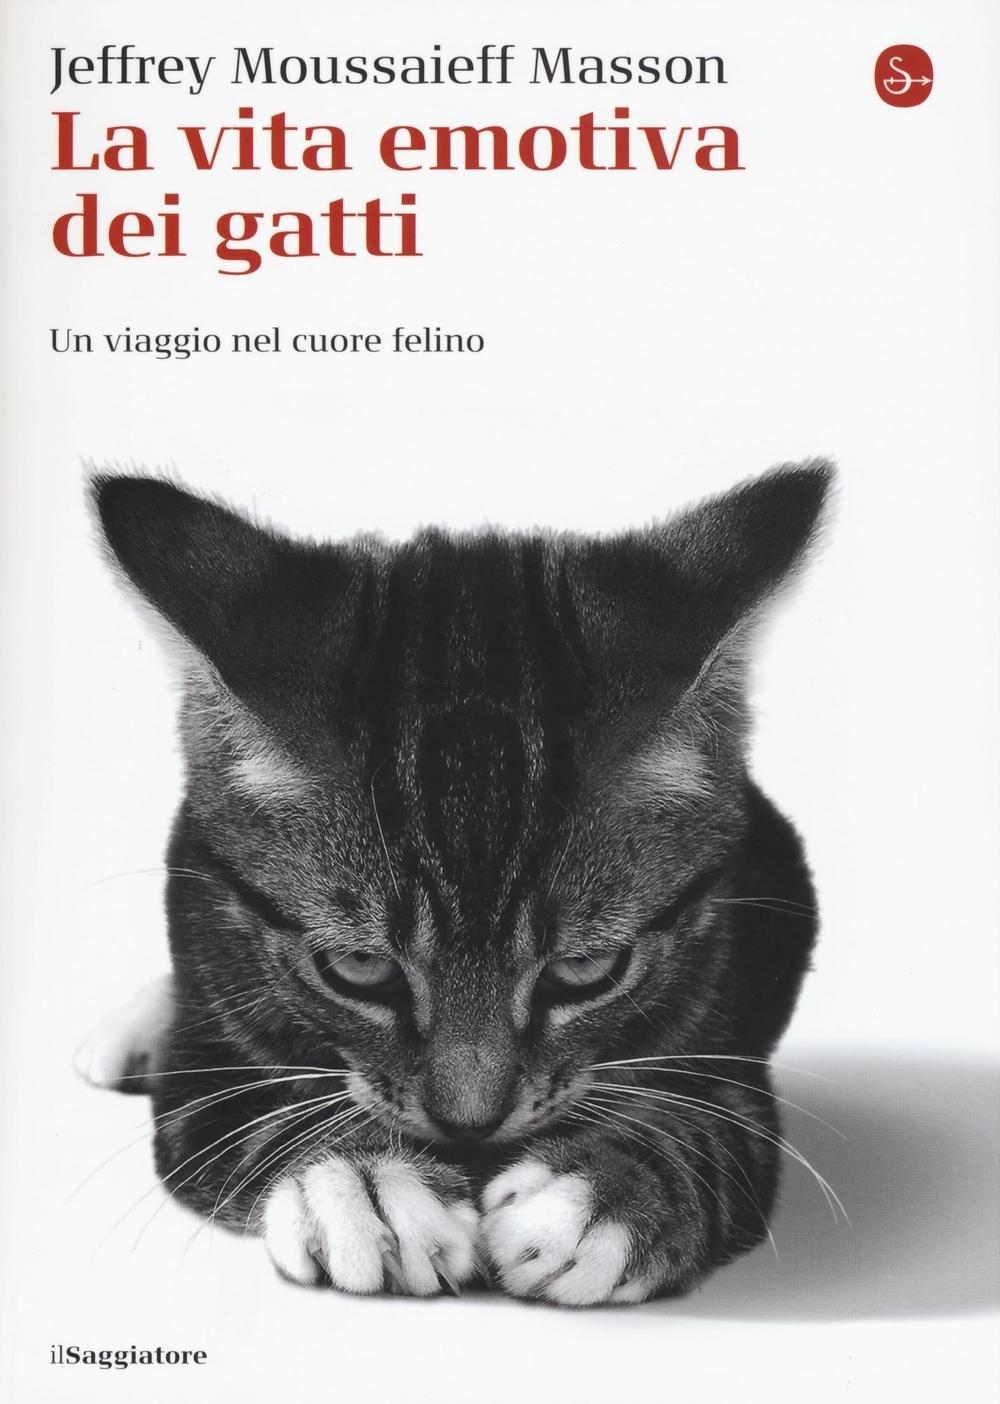 La vita emotiva dei gatti. Un viaggio nel cuore del felino Copertina flessibile – 27 ott 2016 Jeffrey M. Masson G. Ghio Il Saggiatore 8842822914